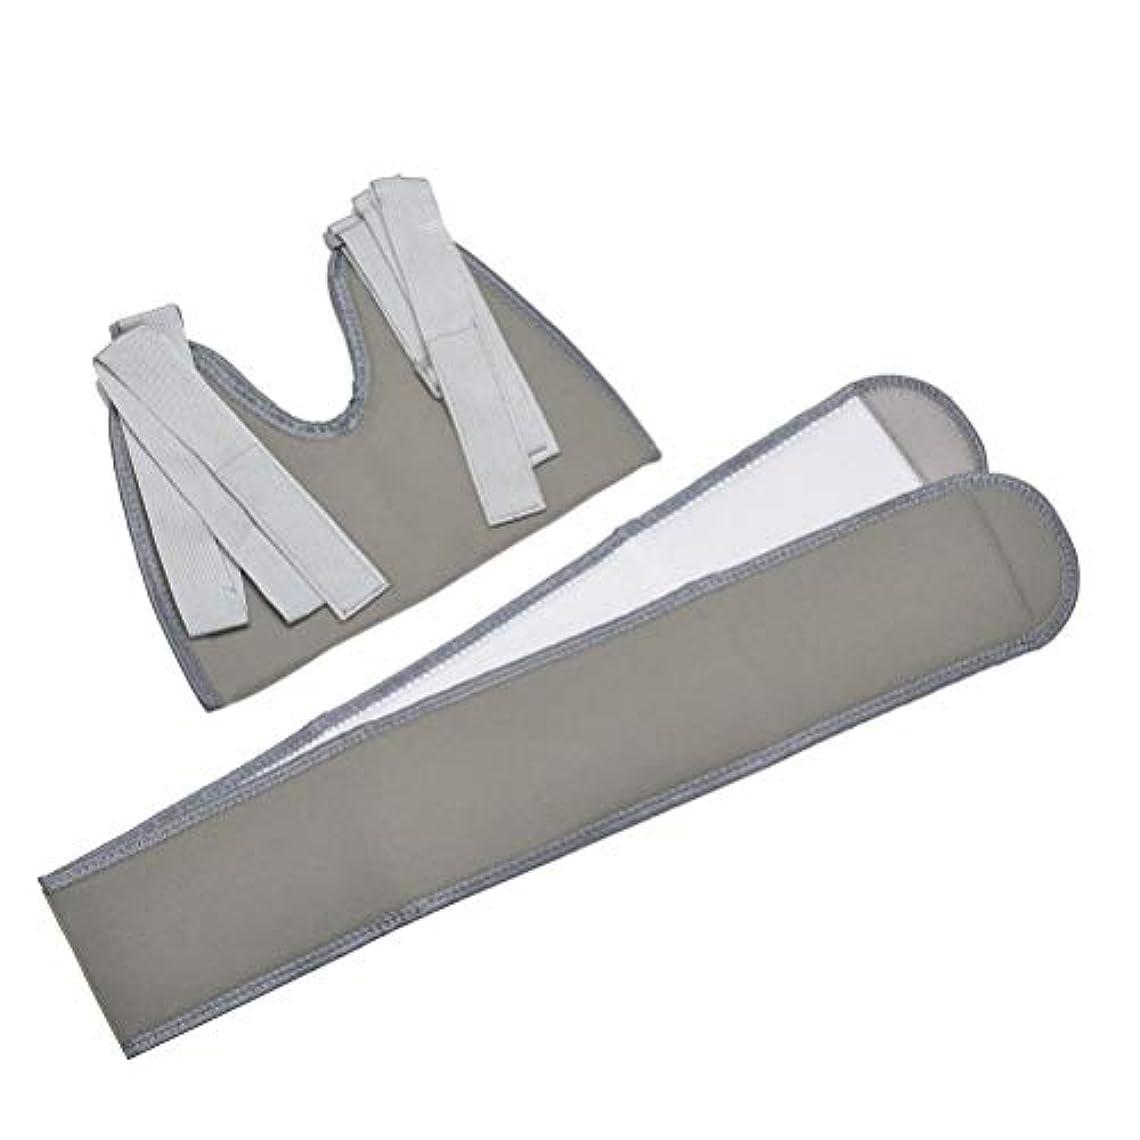 オリエントそれぞれ予想するHealifty アームスリング調整式エルボーサポートブレース